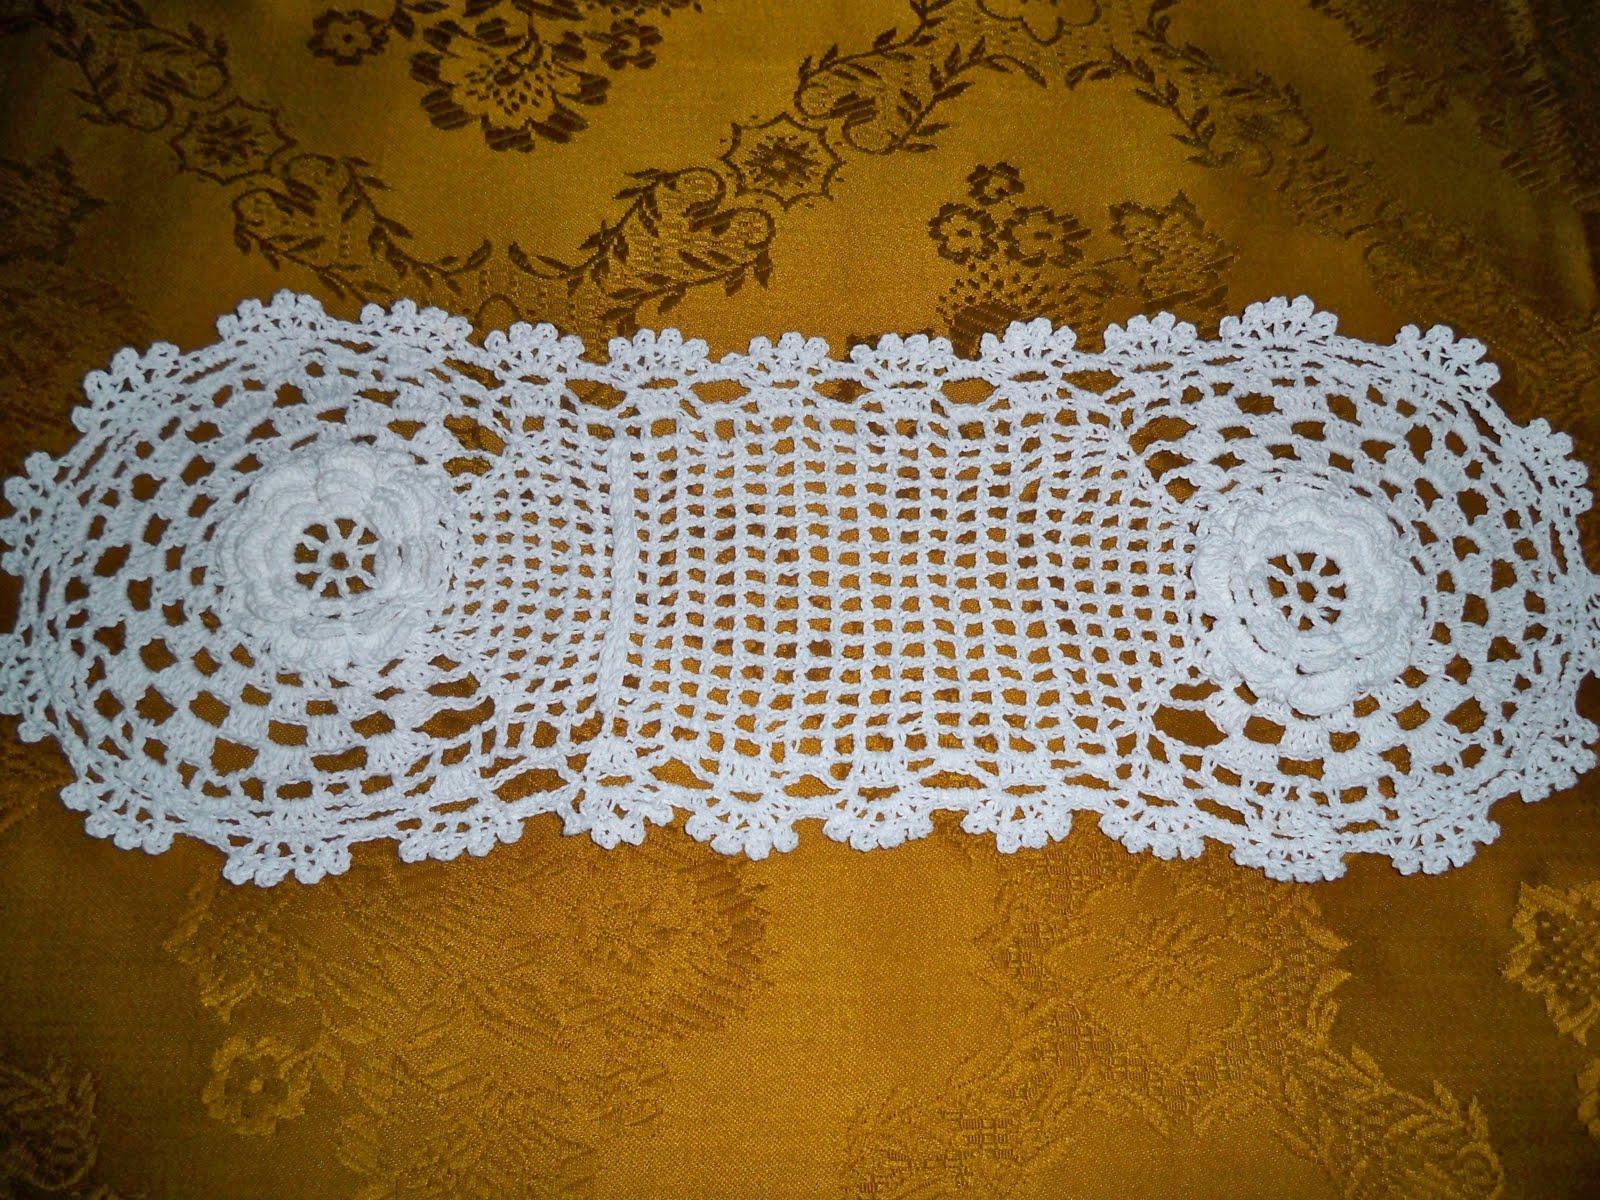 Juegos De Baño A Crochet Con Patrones:CARMEN FELICIDAD: Juego de Baño con motivos de rosas en crochet